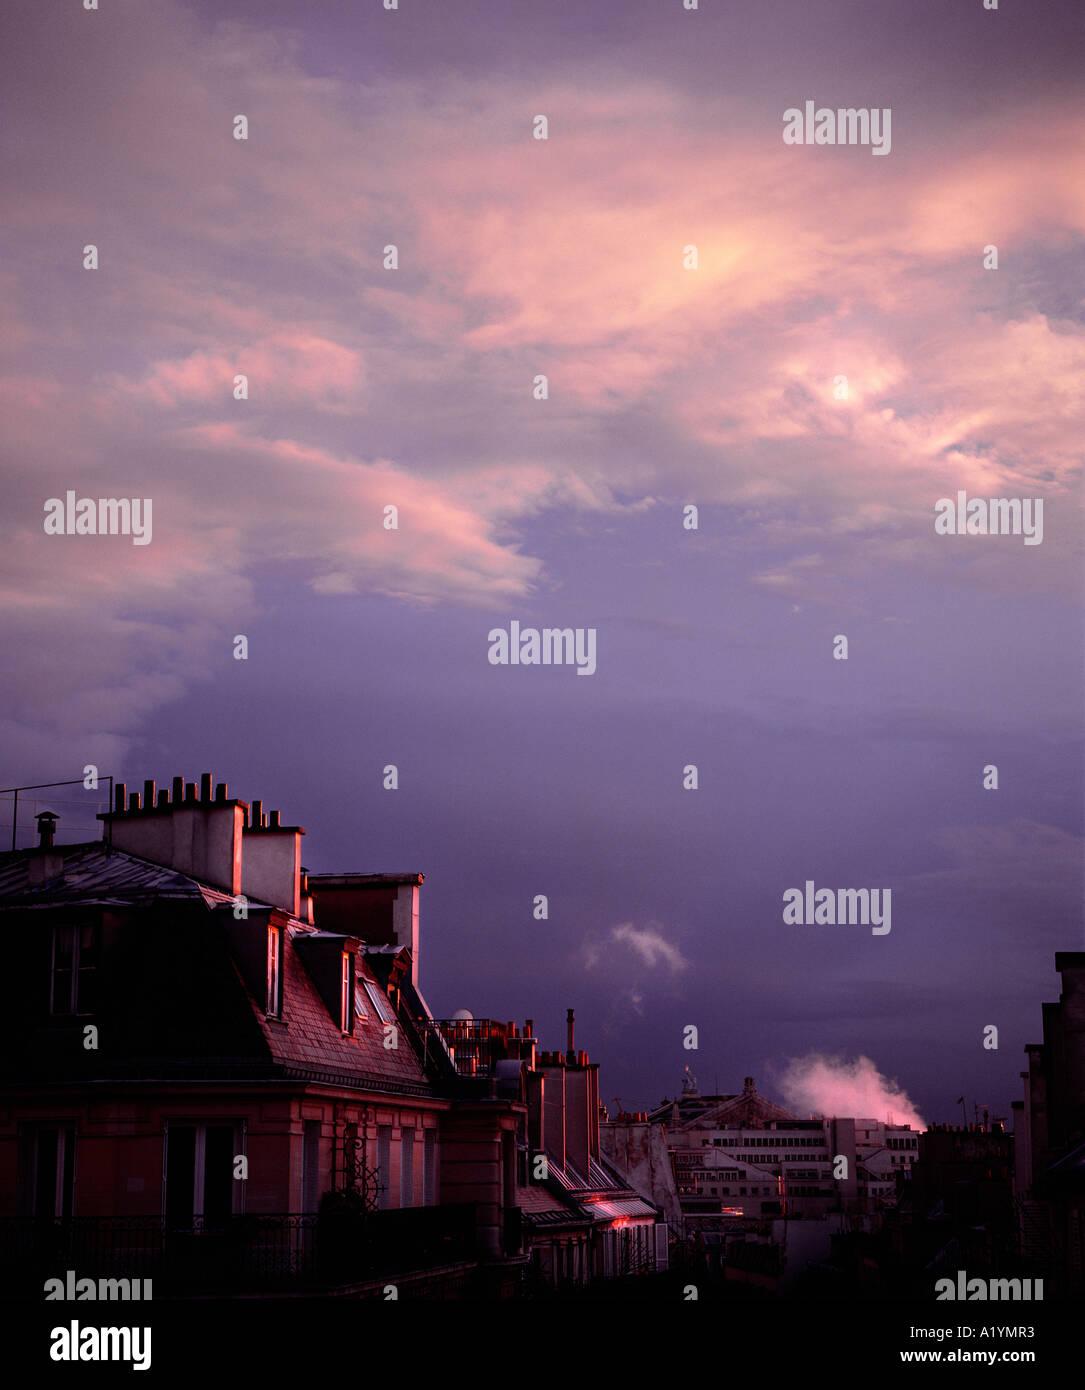 Scène parisienne typique avec des appartements design par le baron Hausmann. Photo Stock